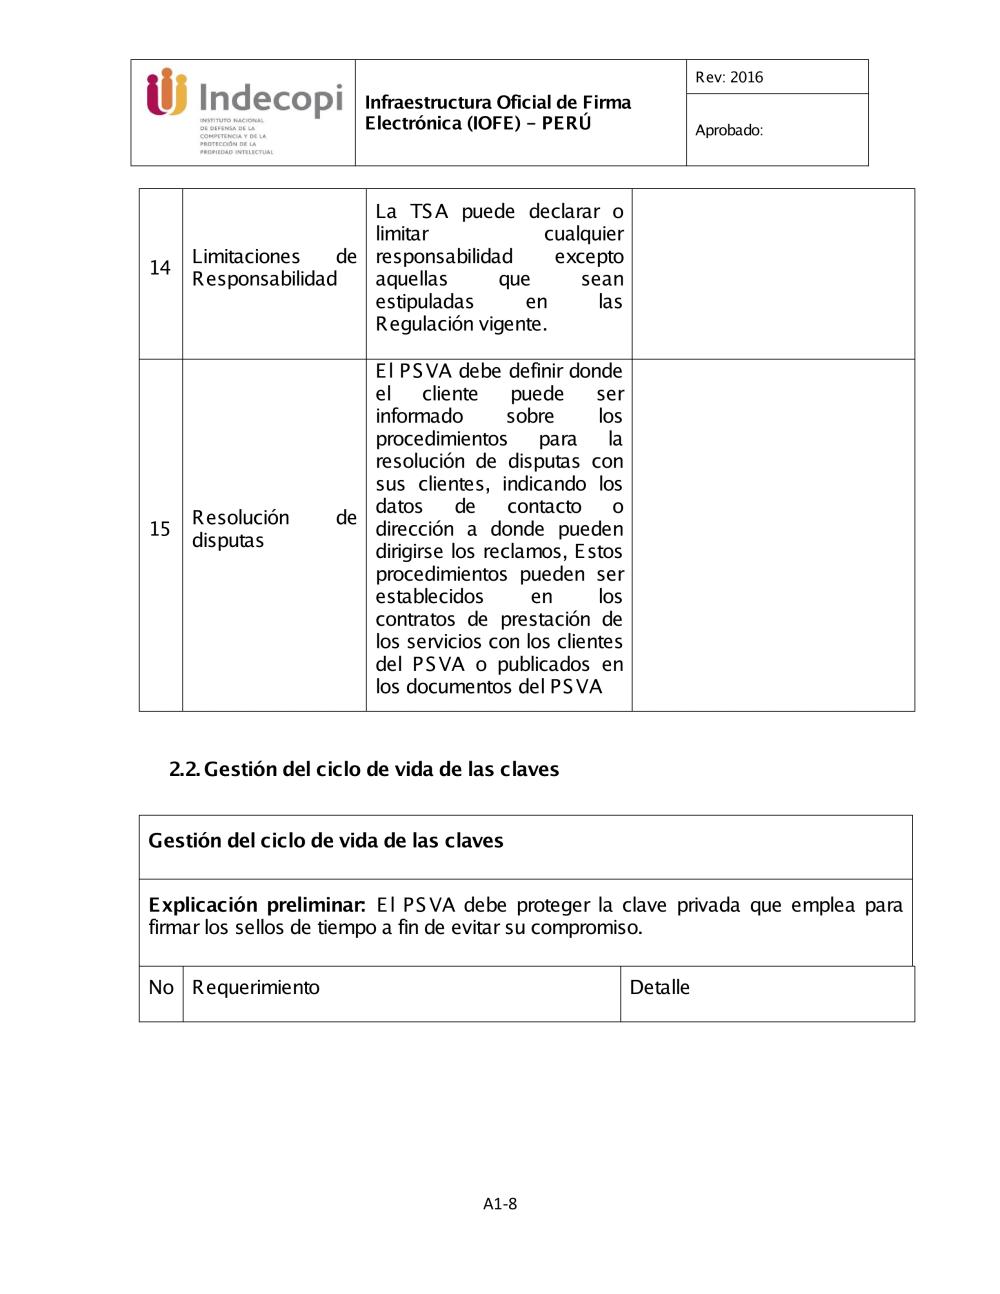 ANEXO 1 MARCO DE POLÍTICA DE SVA - Inicio - Indecopi